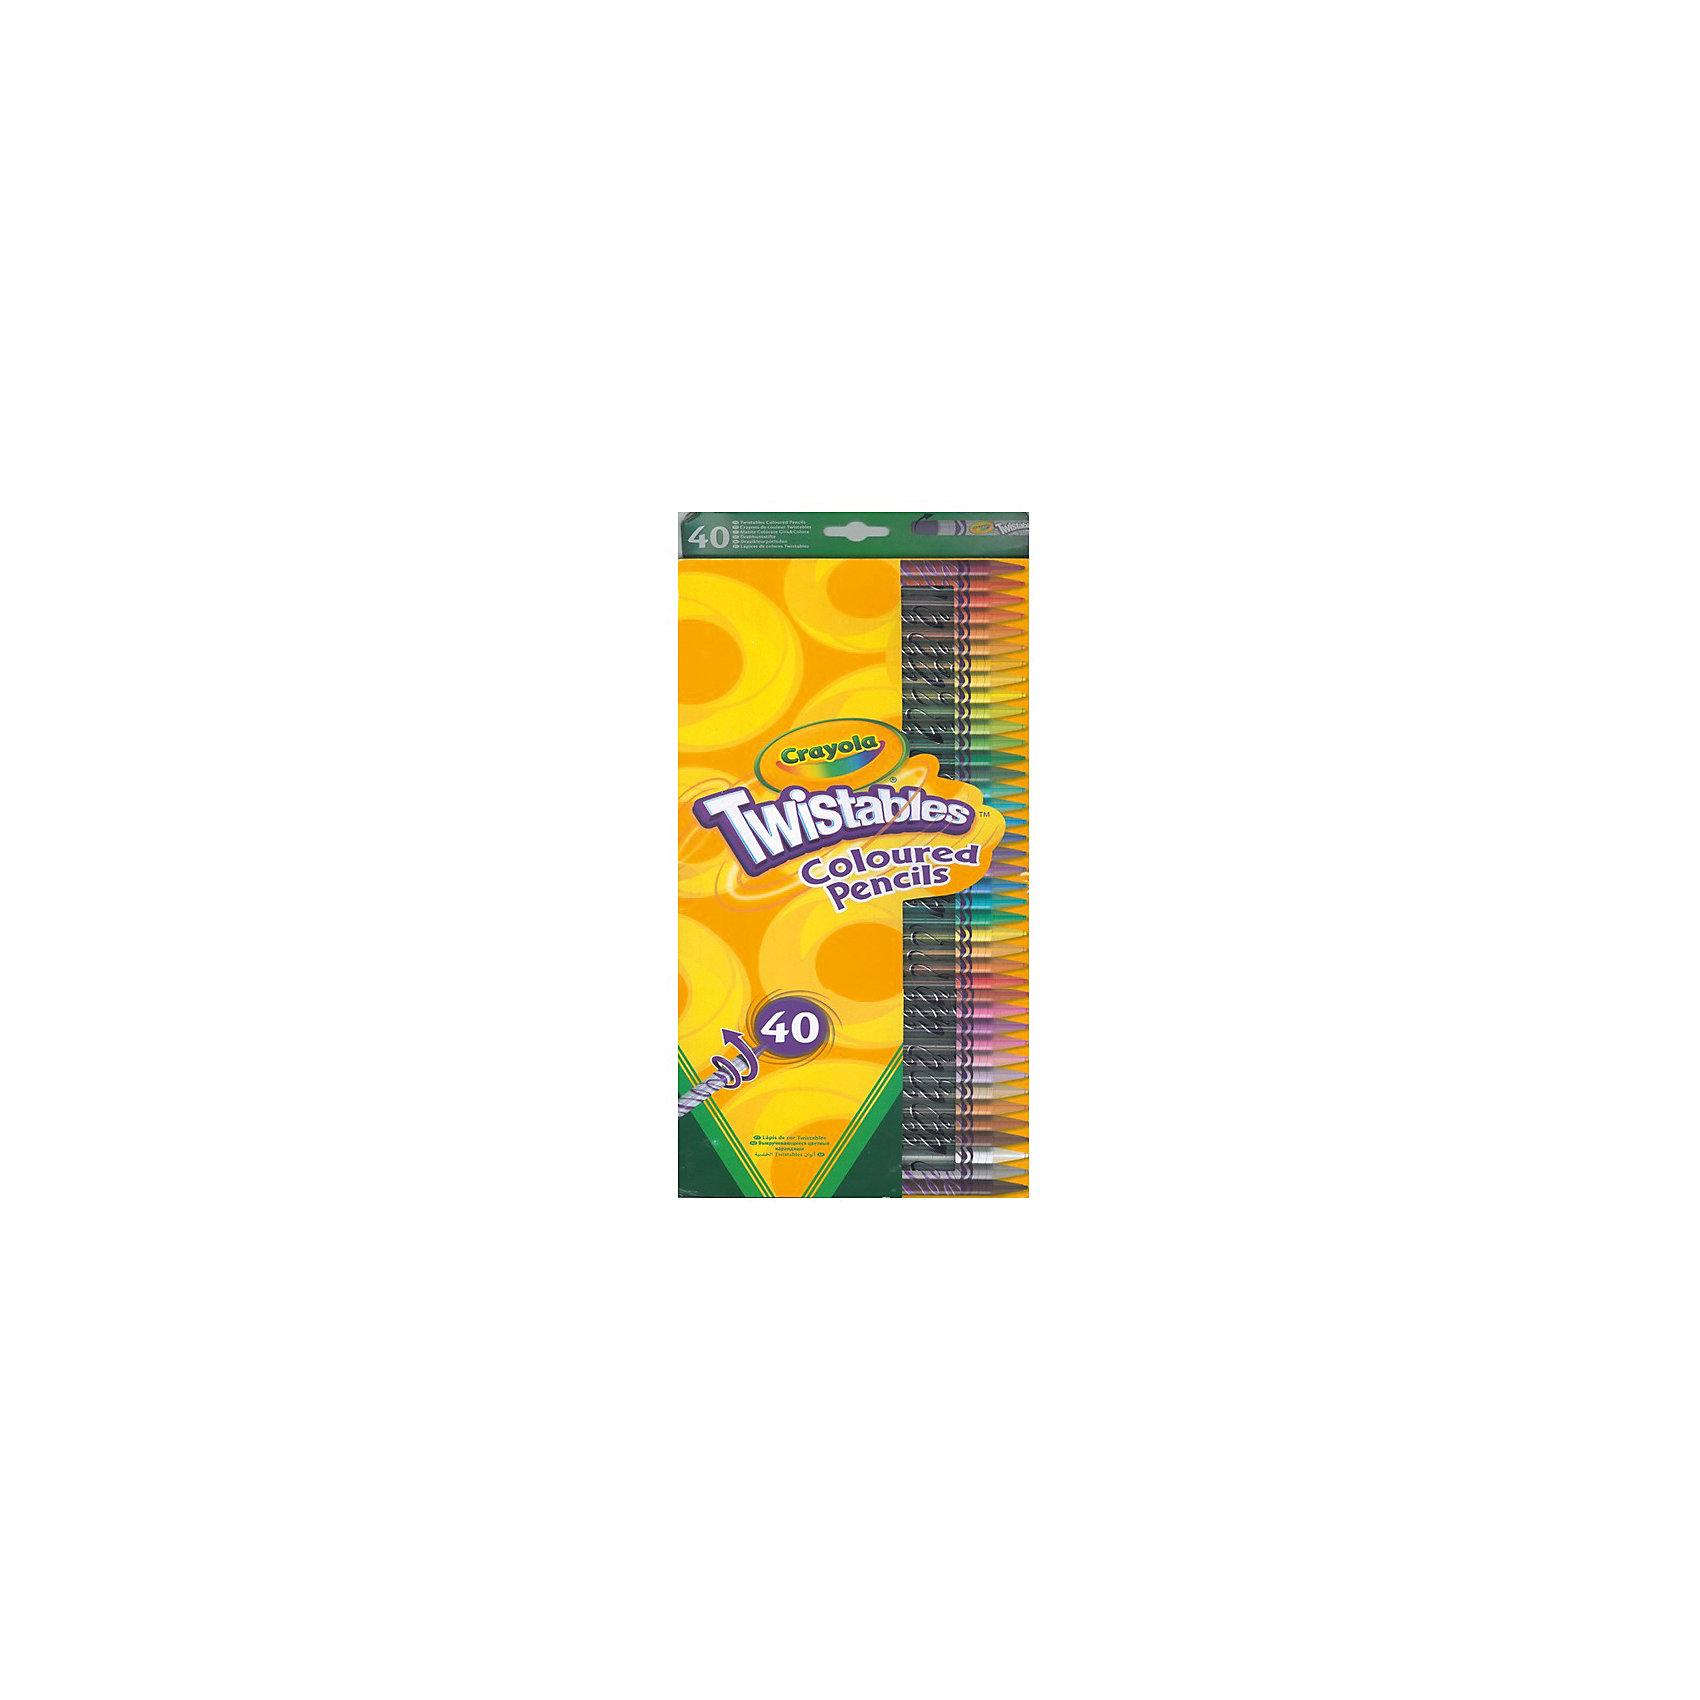 Набор для творчества «40 выкручивающихся цветных карандашей», CrayolaЦветные<br>Характеристики:<br><br>• возраст: от 3 лет<br>• в комплекте: 40 карандашей;<br>• размер упаковки: 40х1х17 см;<br>• вес: 140 грамм.<br><br>Набор карандашей Crayola невероятно удобен для детей. Карандаши оснащены выдвижным элементом. Для рисования ребенку не понадобится точилка, достаточно просто покрутить корпус карандаша.<br><br>В комплект входят 40 карандашей ярких оттенков, которые мягко ложатся на поверхность холста. С большим комплектом карандашей ребенок создаст самые красивые рисунки для украшения детской комнаты.<br><br>Набор для творчества «40 выкручивающихся цветных карандашей», Crayola (Крайола) можно купить в нашем интернет-магазине.<br><br>Ширина мм: 170<br>Глубина мм: 10<br>Высота мм: 400<br>Вес г: 140<br>Возраст от месяцев: 36<br>Возраст до месяцев: 2147483647<br>Пол: Унисекс<br>Возраст: Детский<br>SKU: 5574416